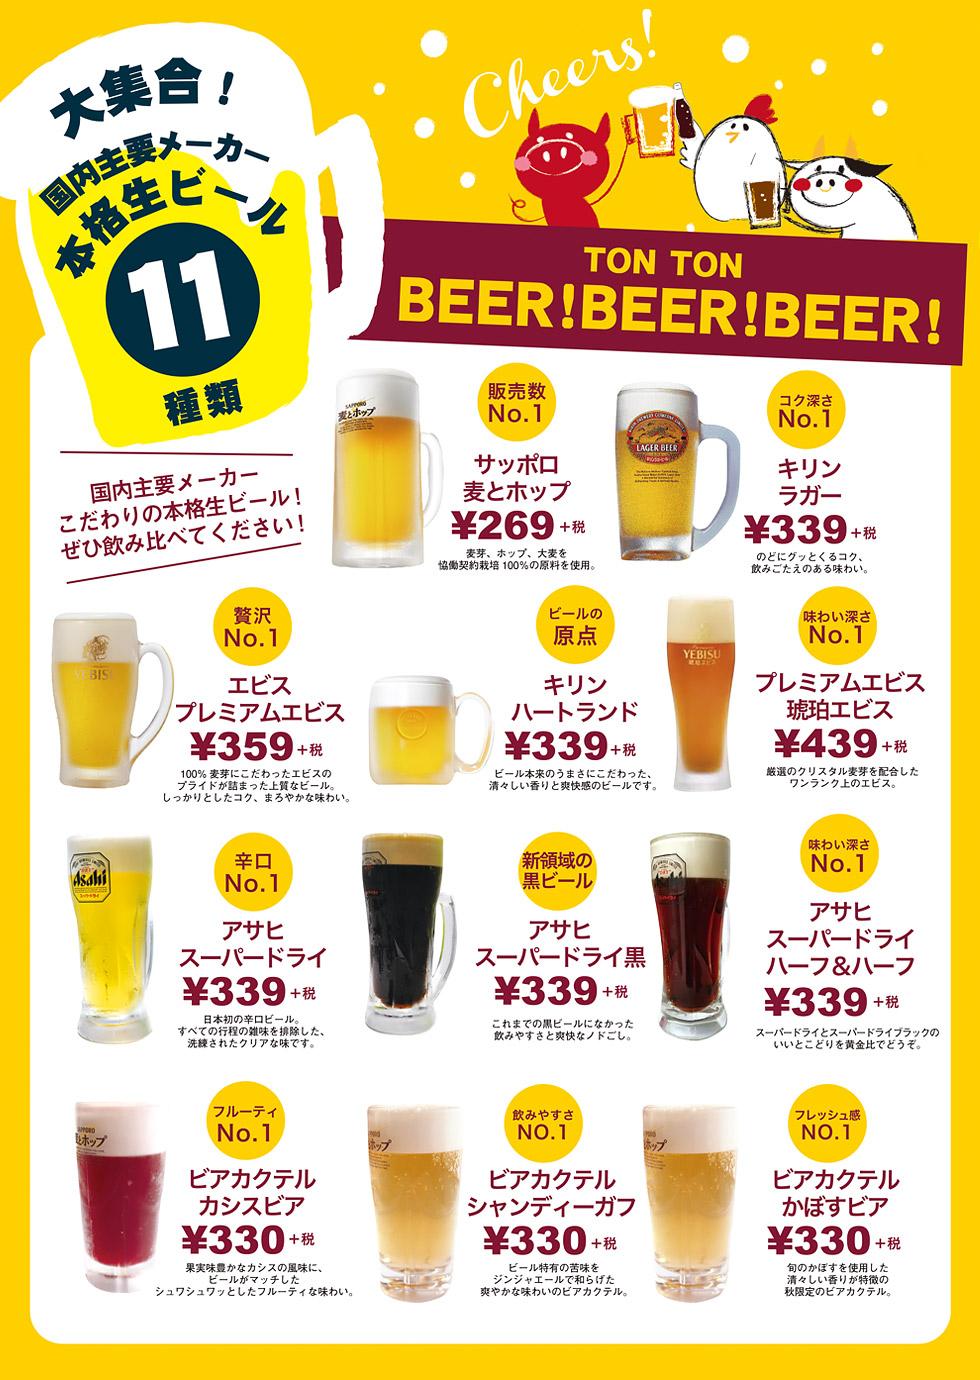 大集合! 国内主要メーカー本格生ビール11種類